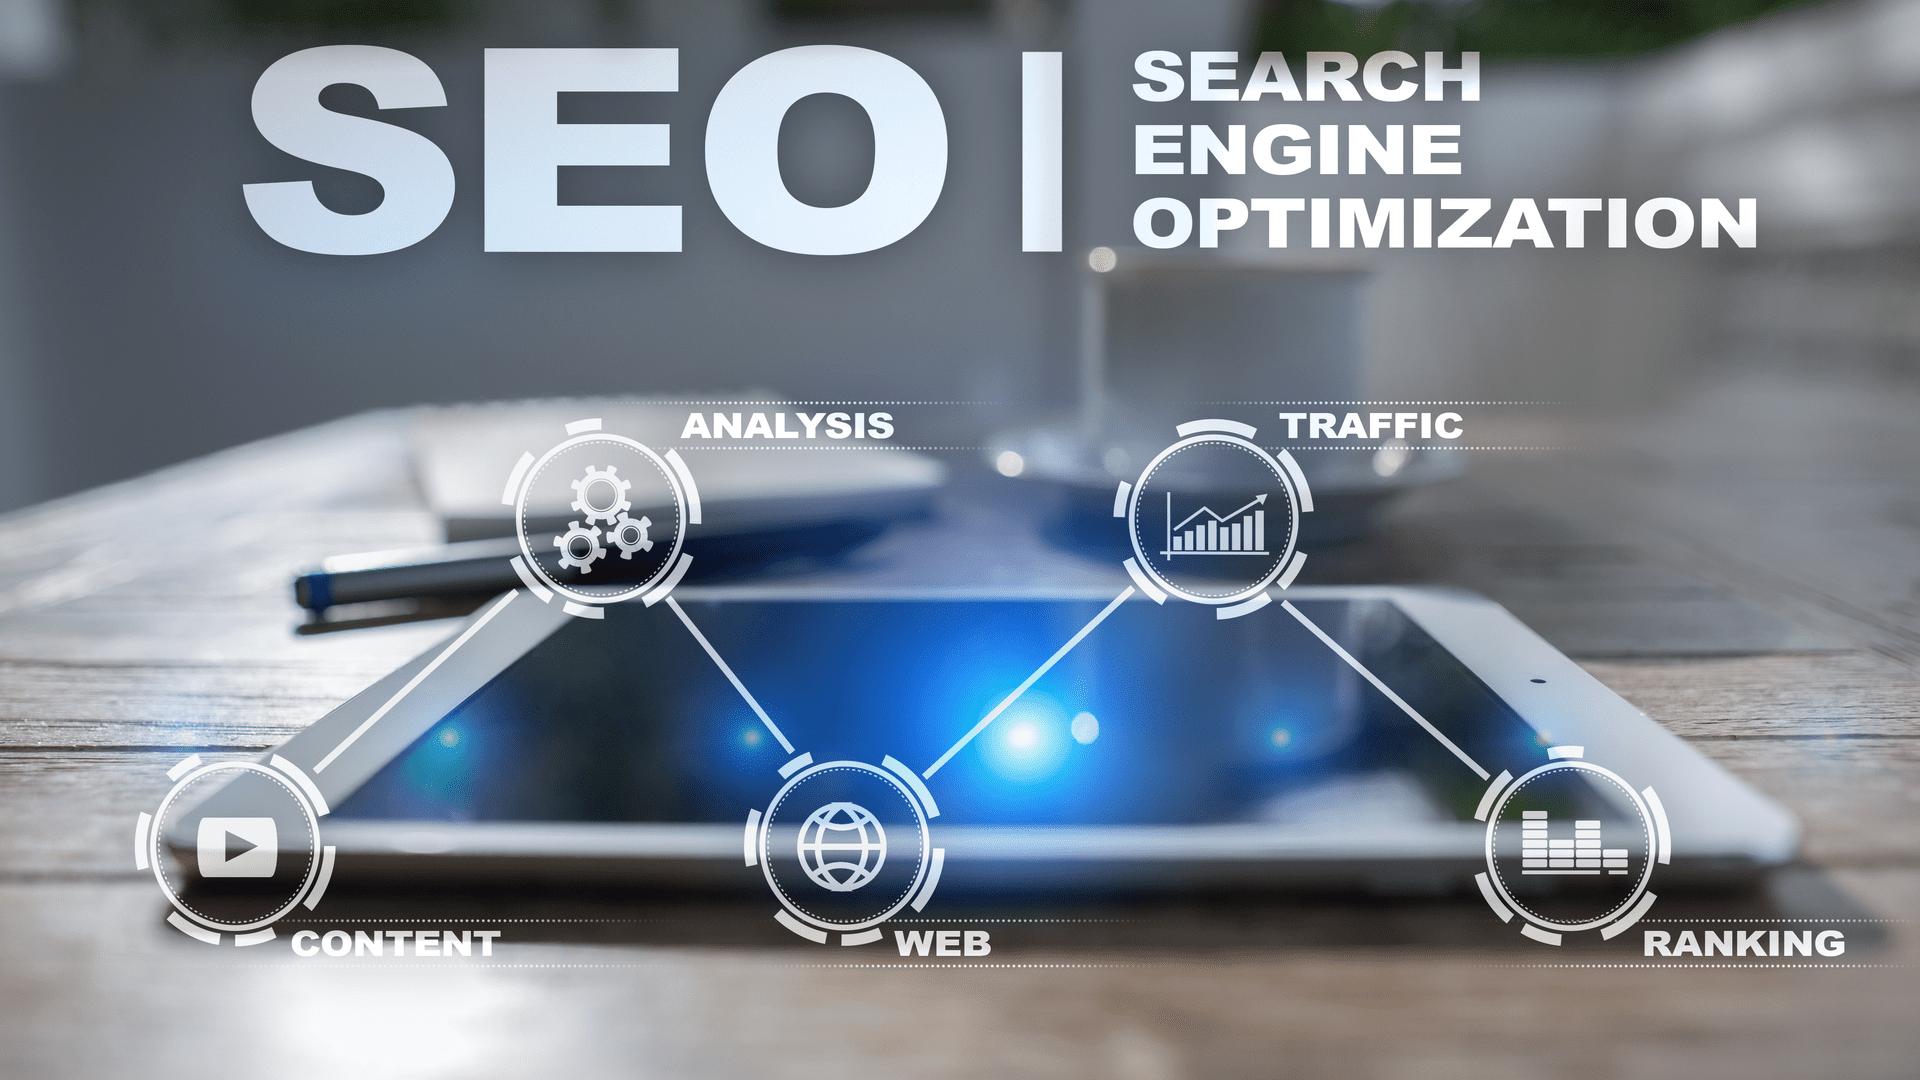 Webdesign, SEO, iMarketing Engagement Image - Search Engine Optimization